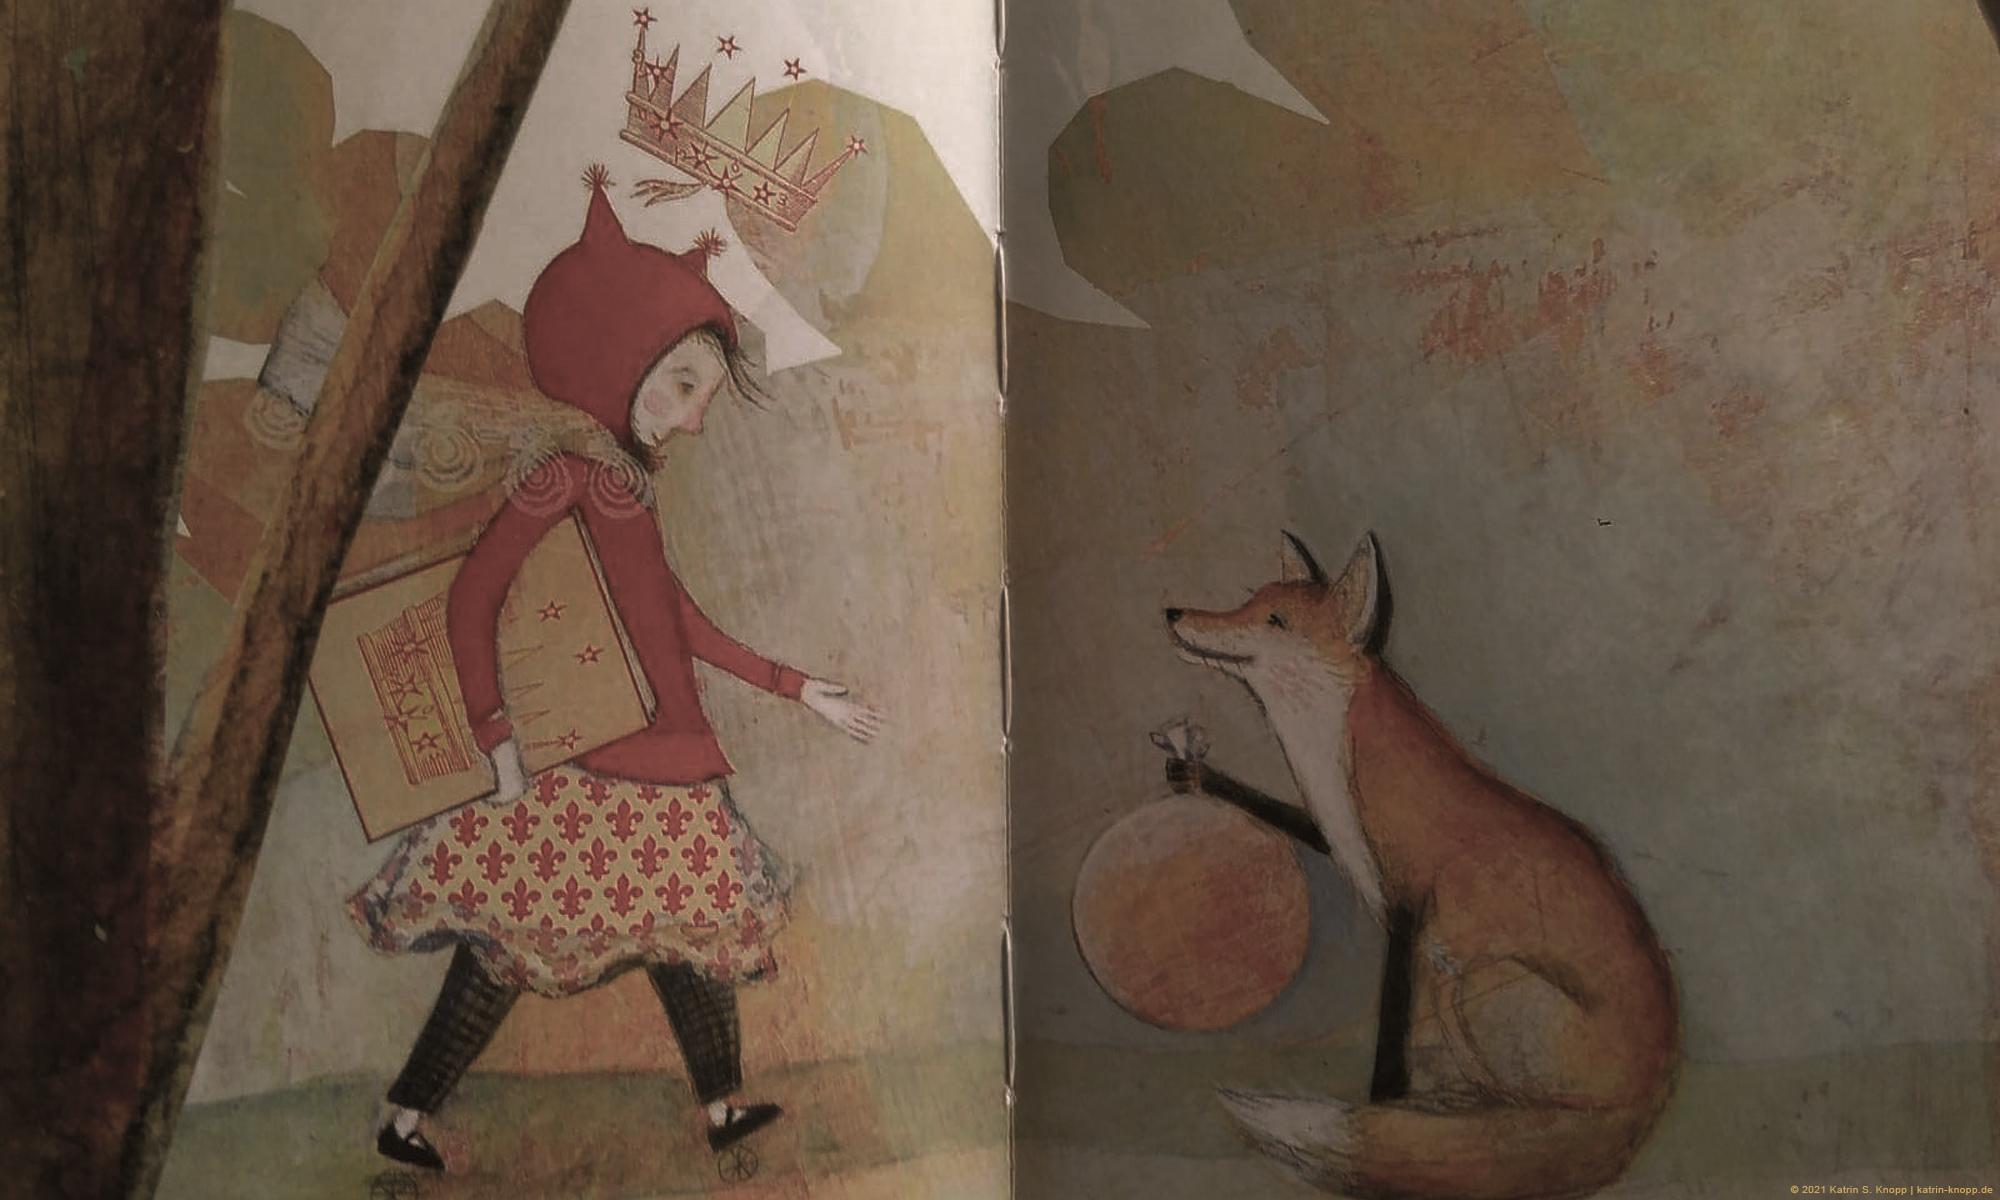 Pamela Zagarenski: Der Fuchs und die verlorenen Buchstaben | © Katrin S. Knopp | www.katrin-knopp.de